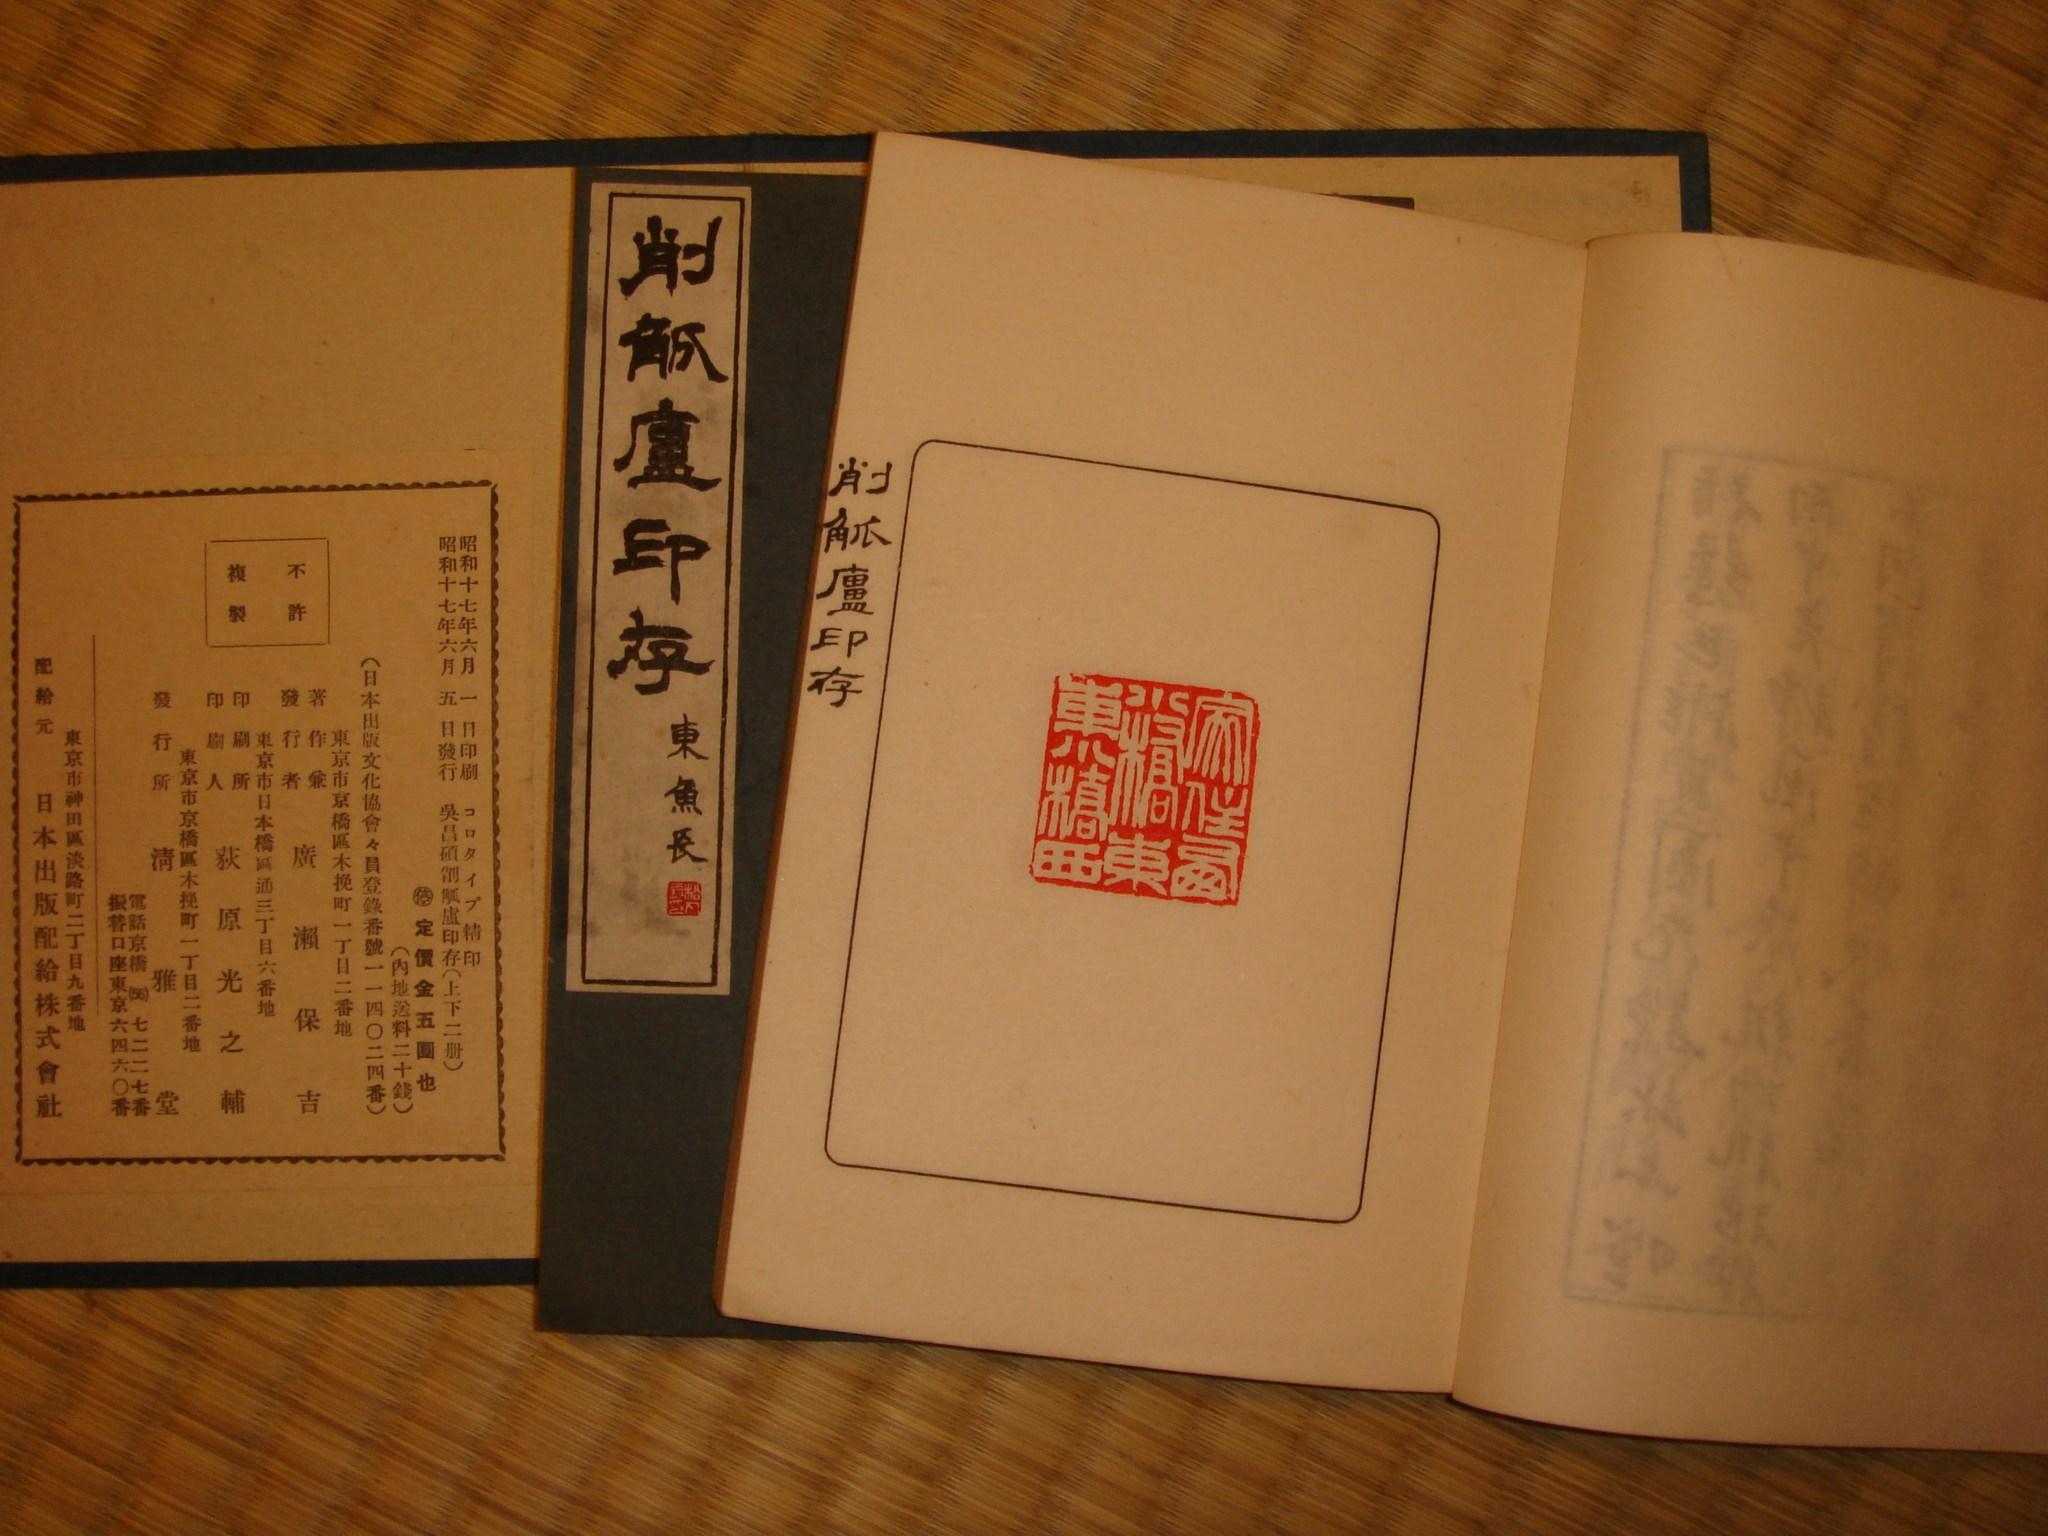 呉昌碩の画像 p1_28